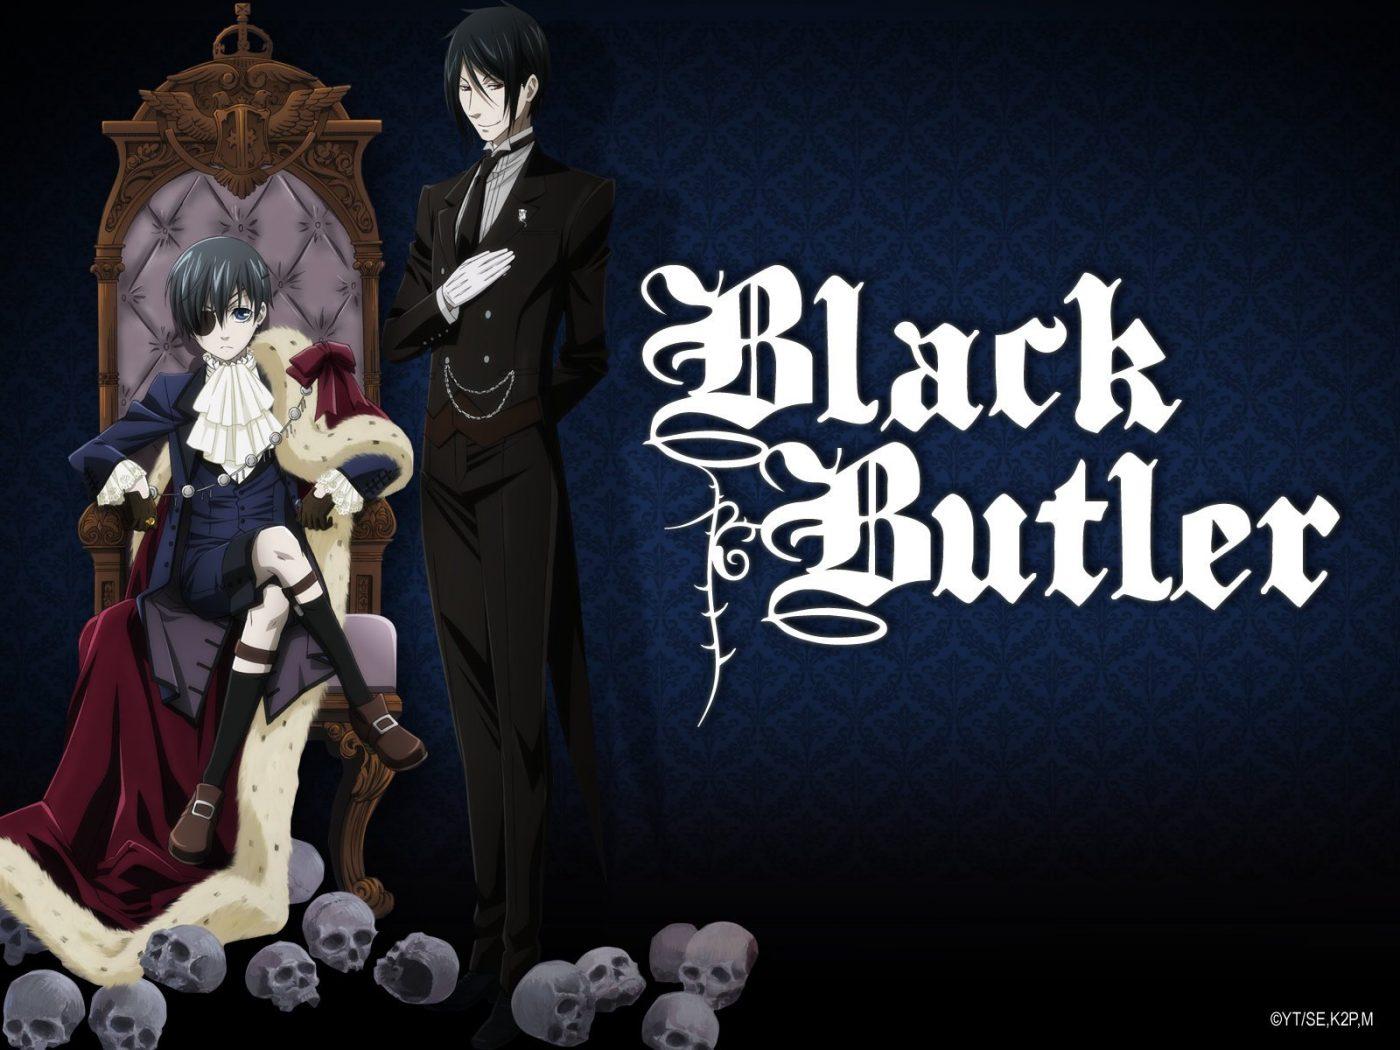 Black Butler Season One ending